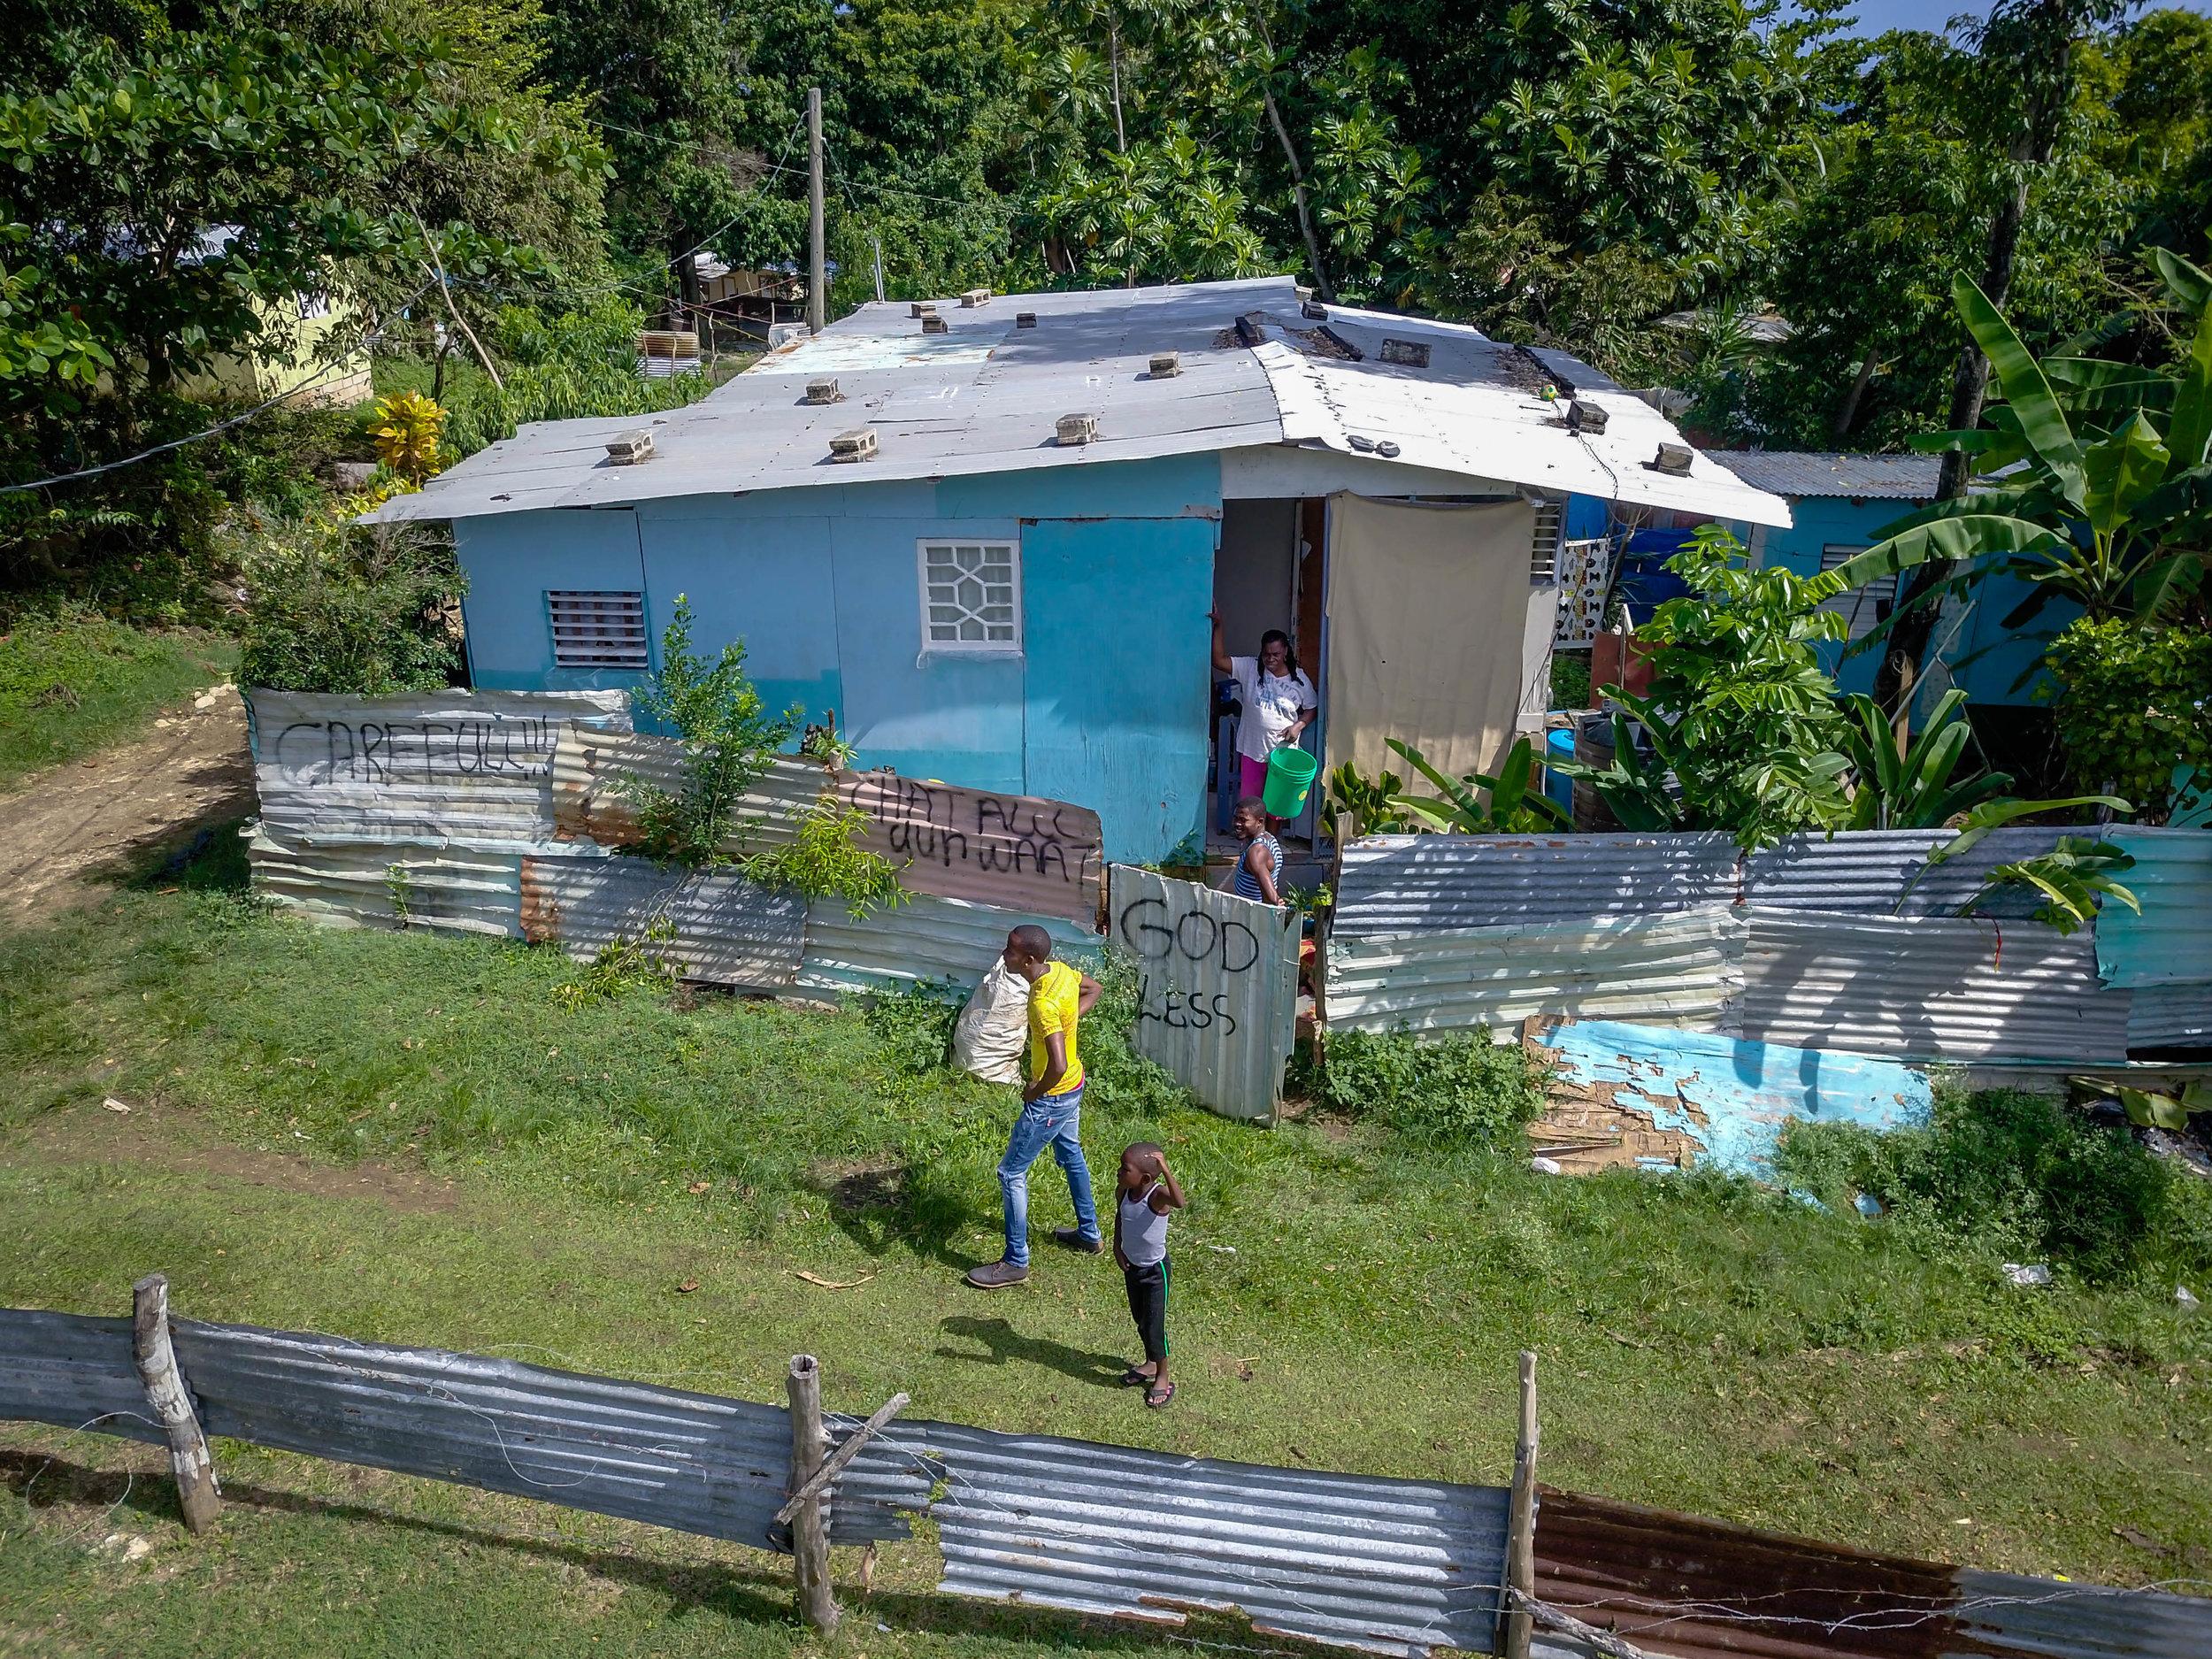 Jamaica DJI Drone shot